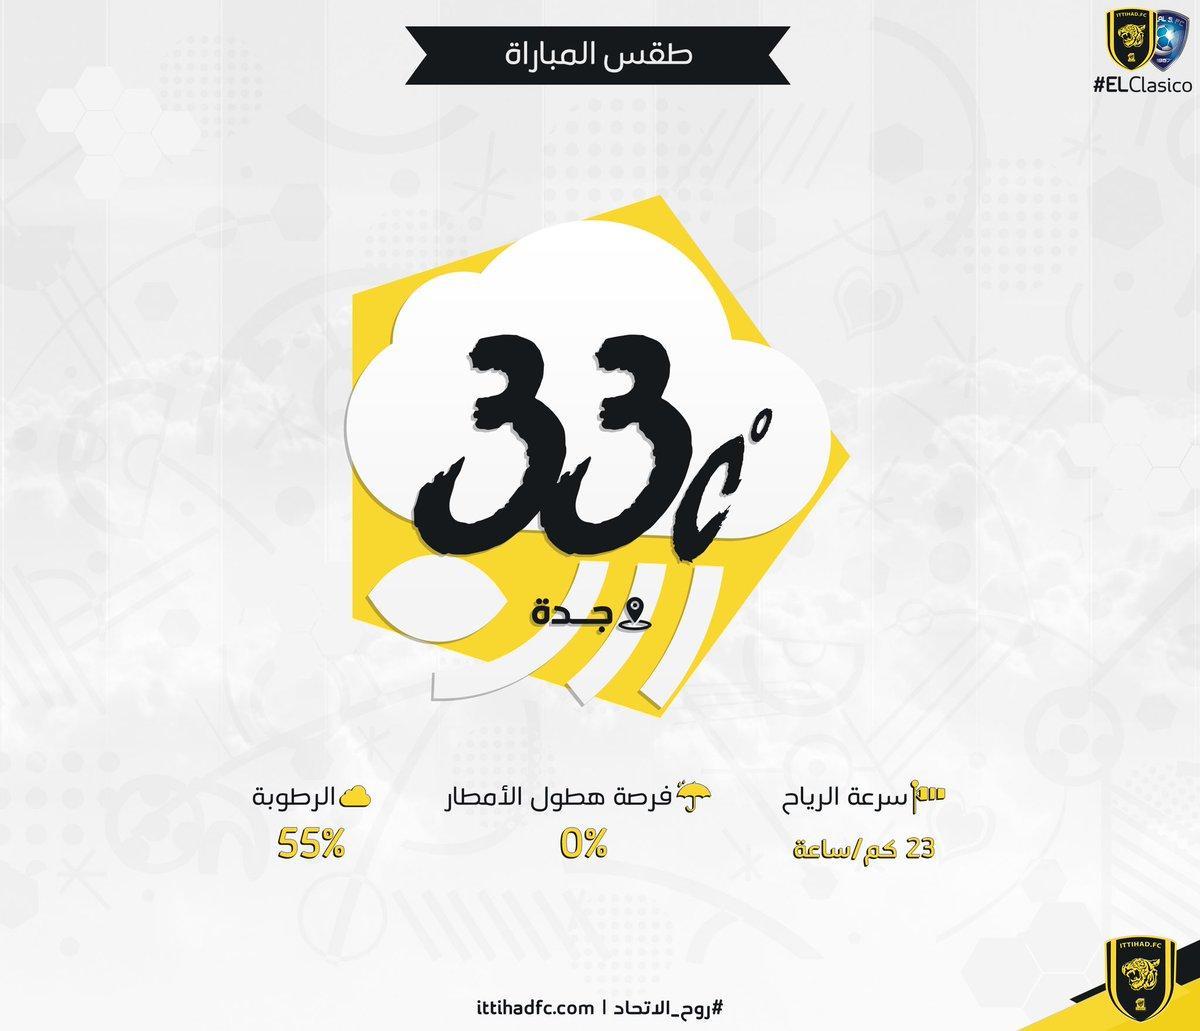 الطقس المتوقع في لقاء #الاتحاد_الهلال من #جولة_الوطن من الدوري السعودي...